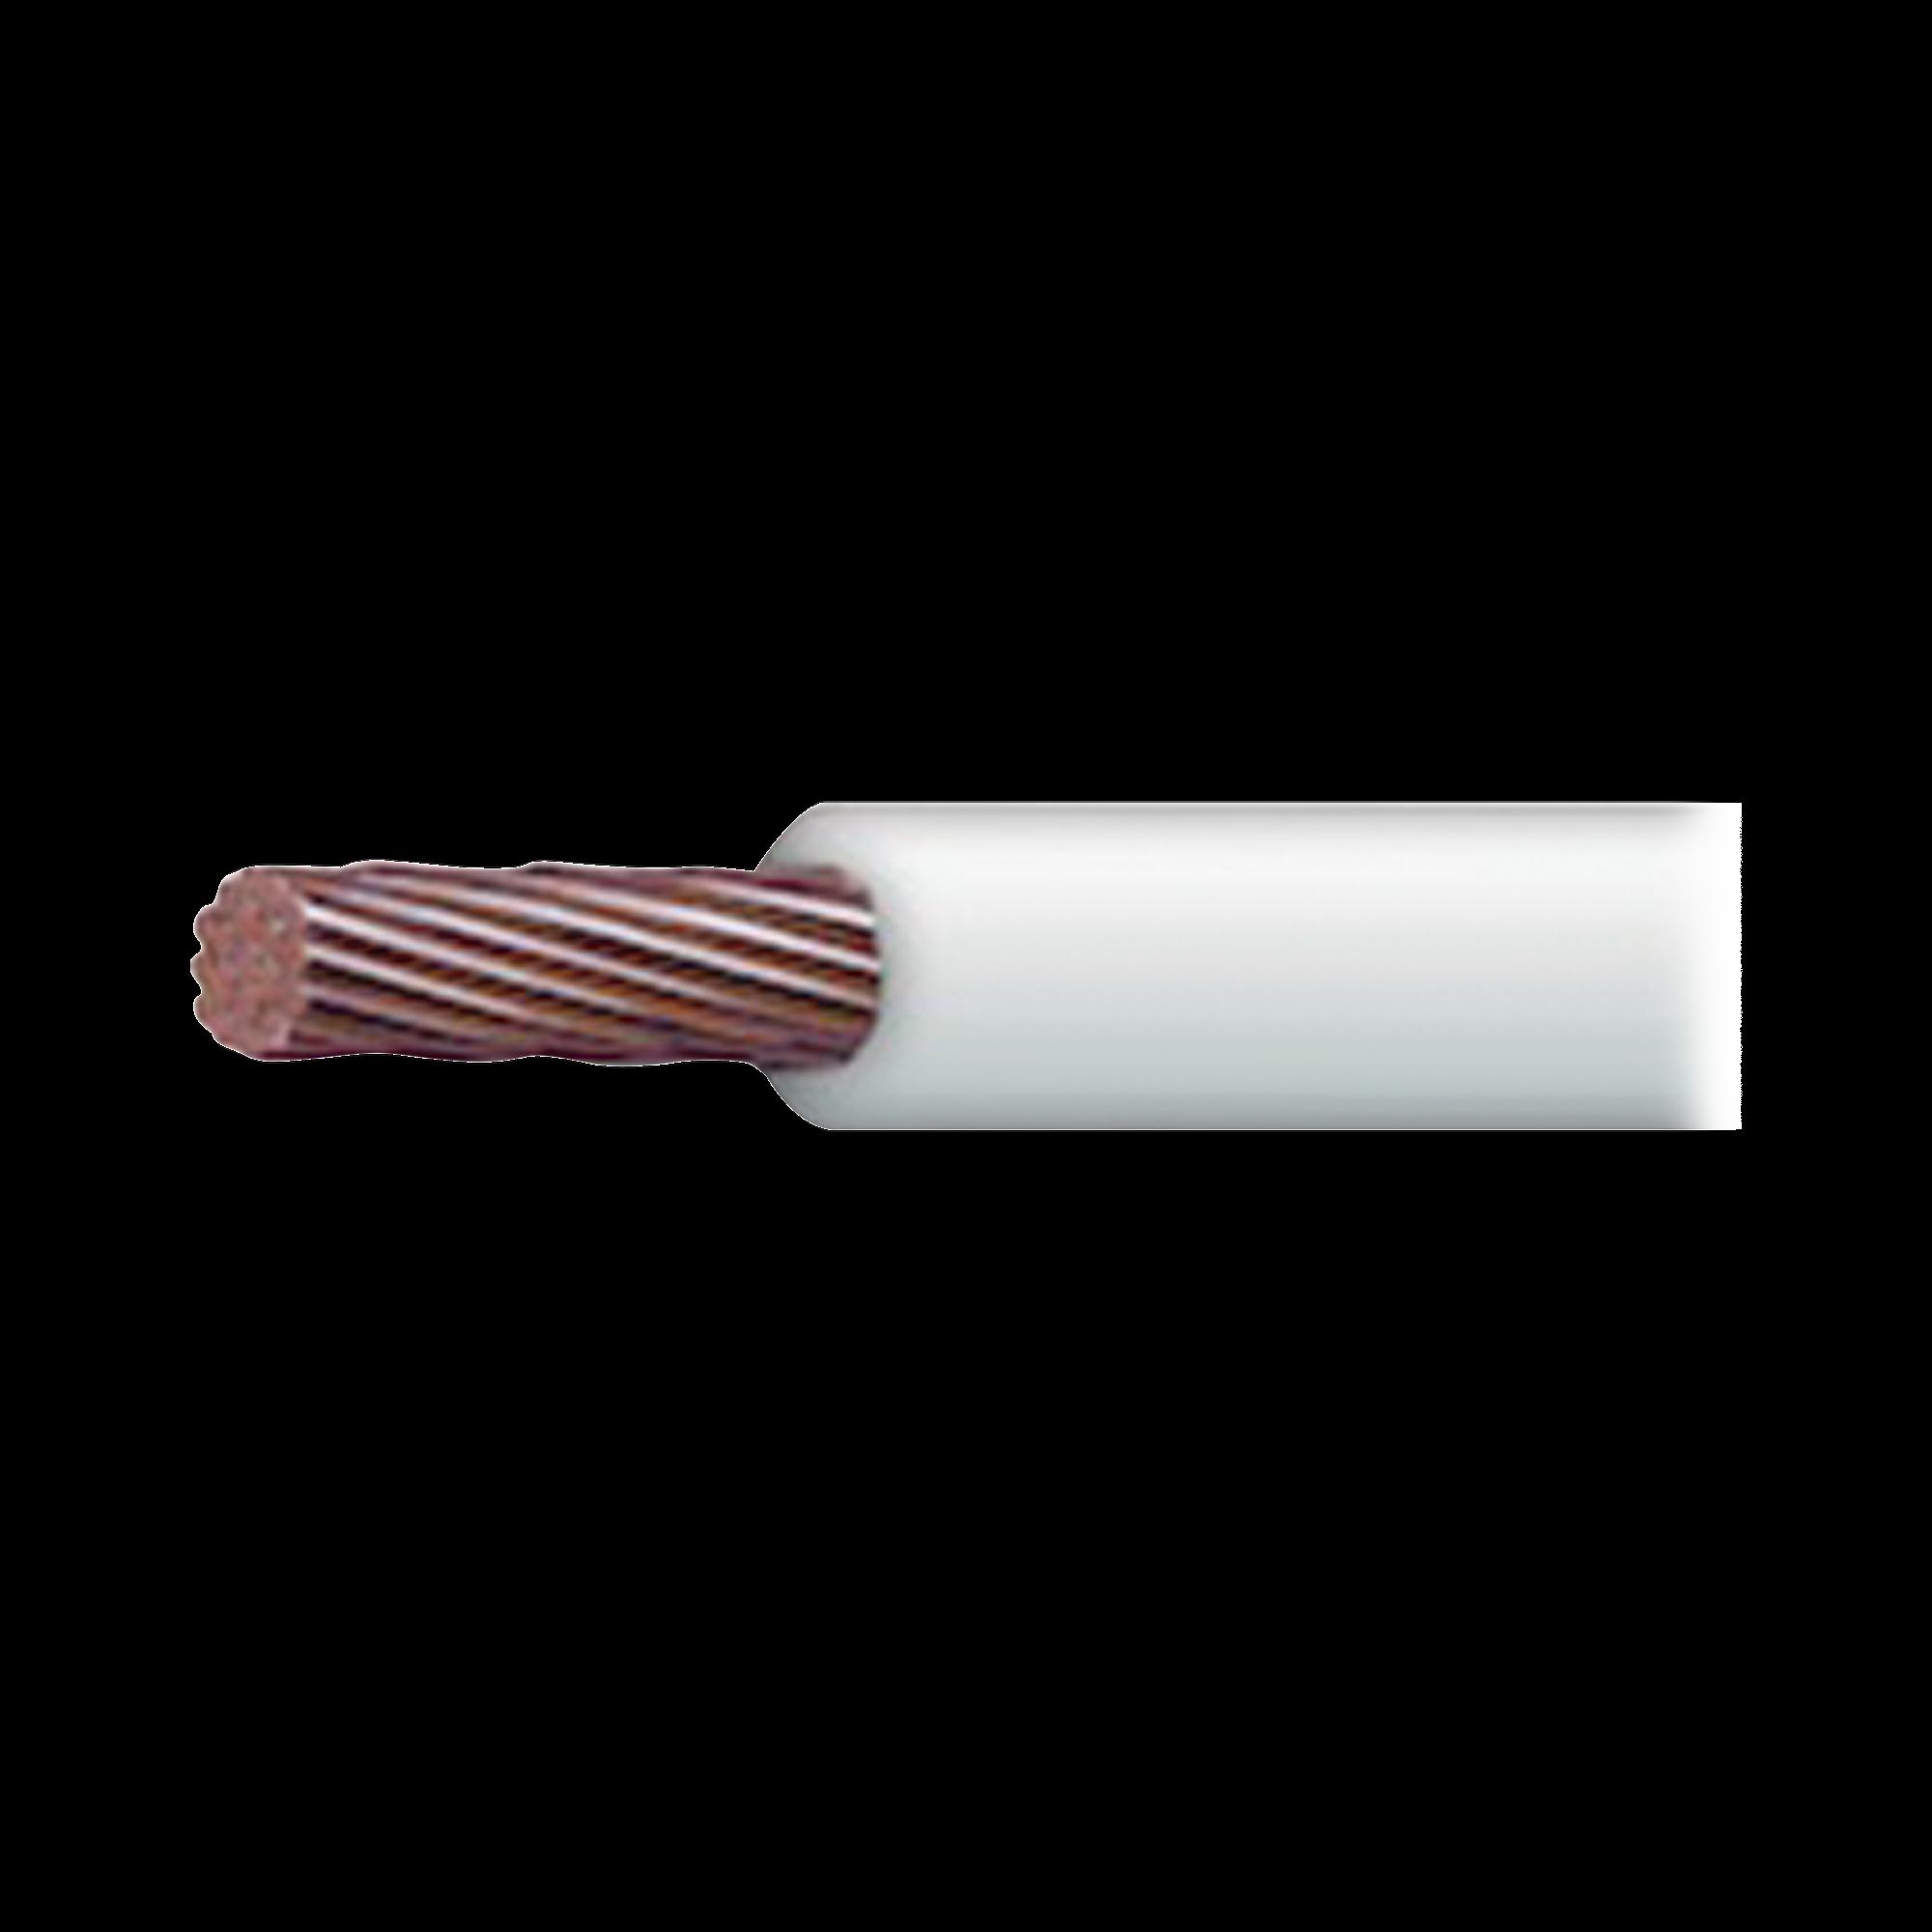 Cable de Cobre Recubierto THW-LS Calibre 14 AWG 19 Hilos Color blanco (100 metro)